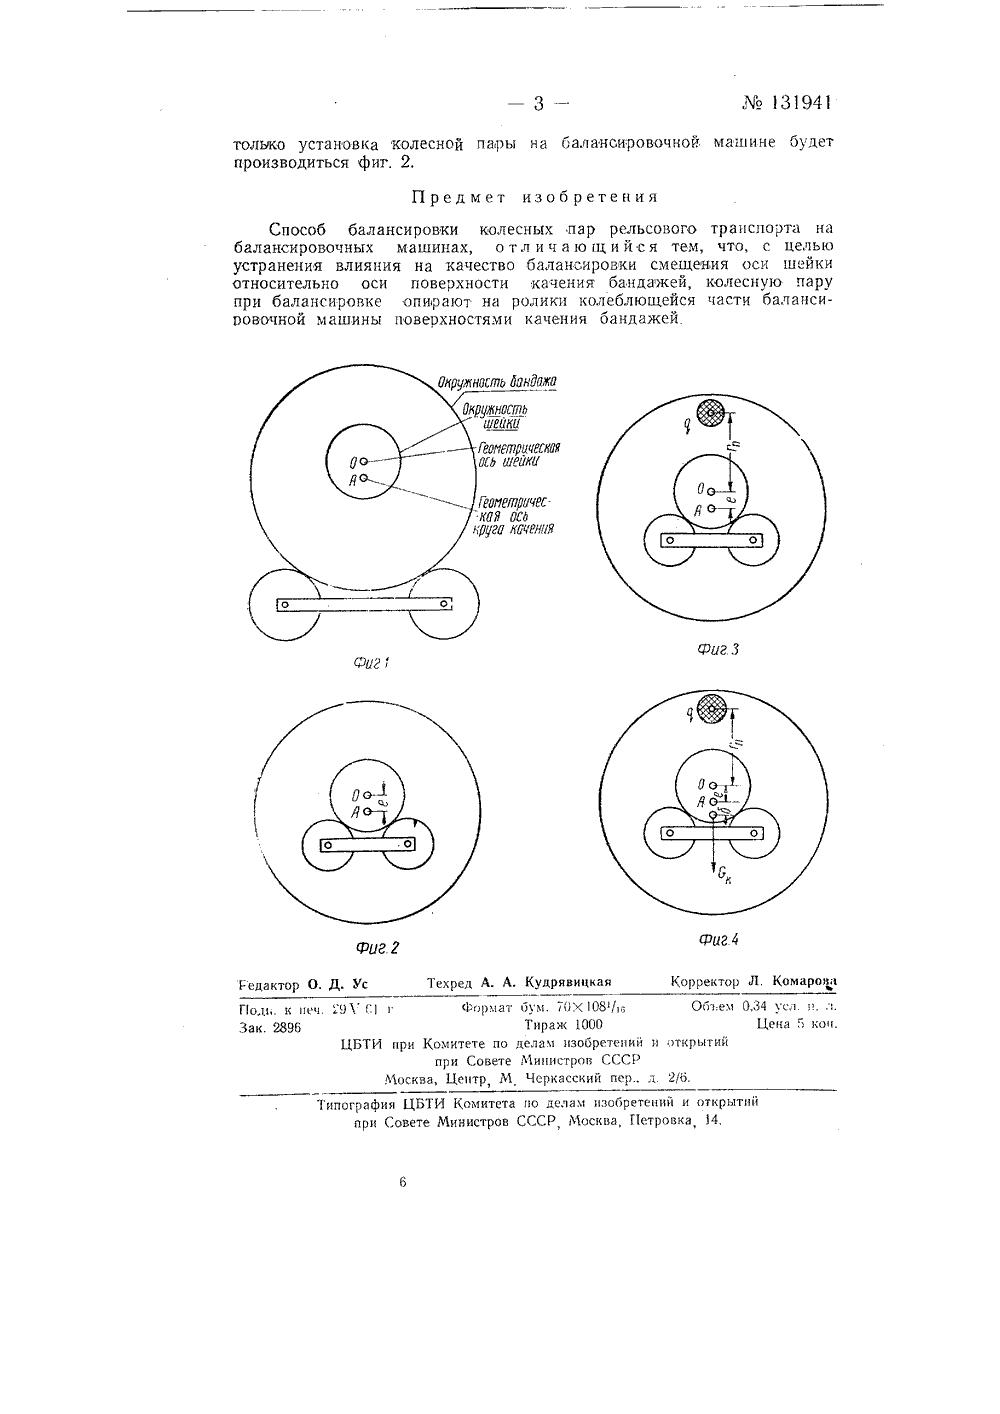 схема-описание колесной пары